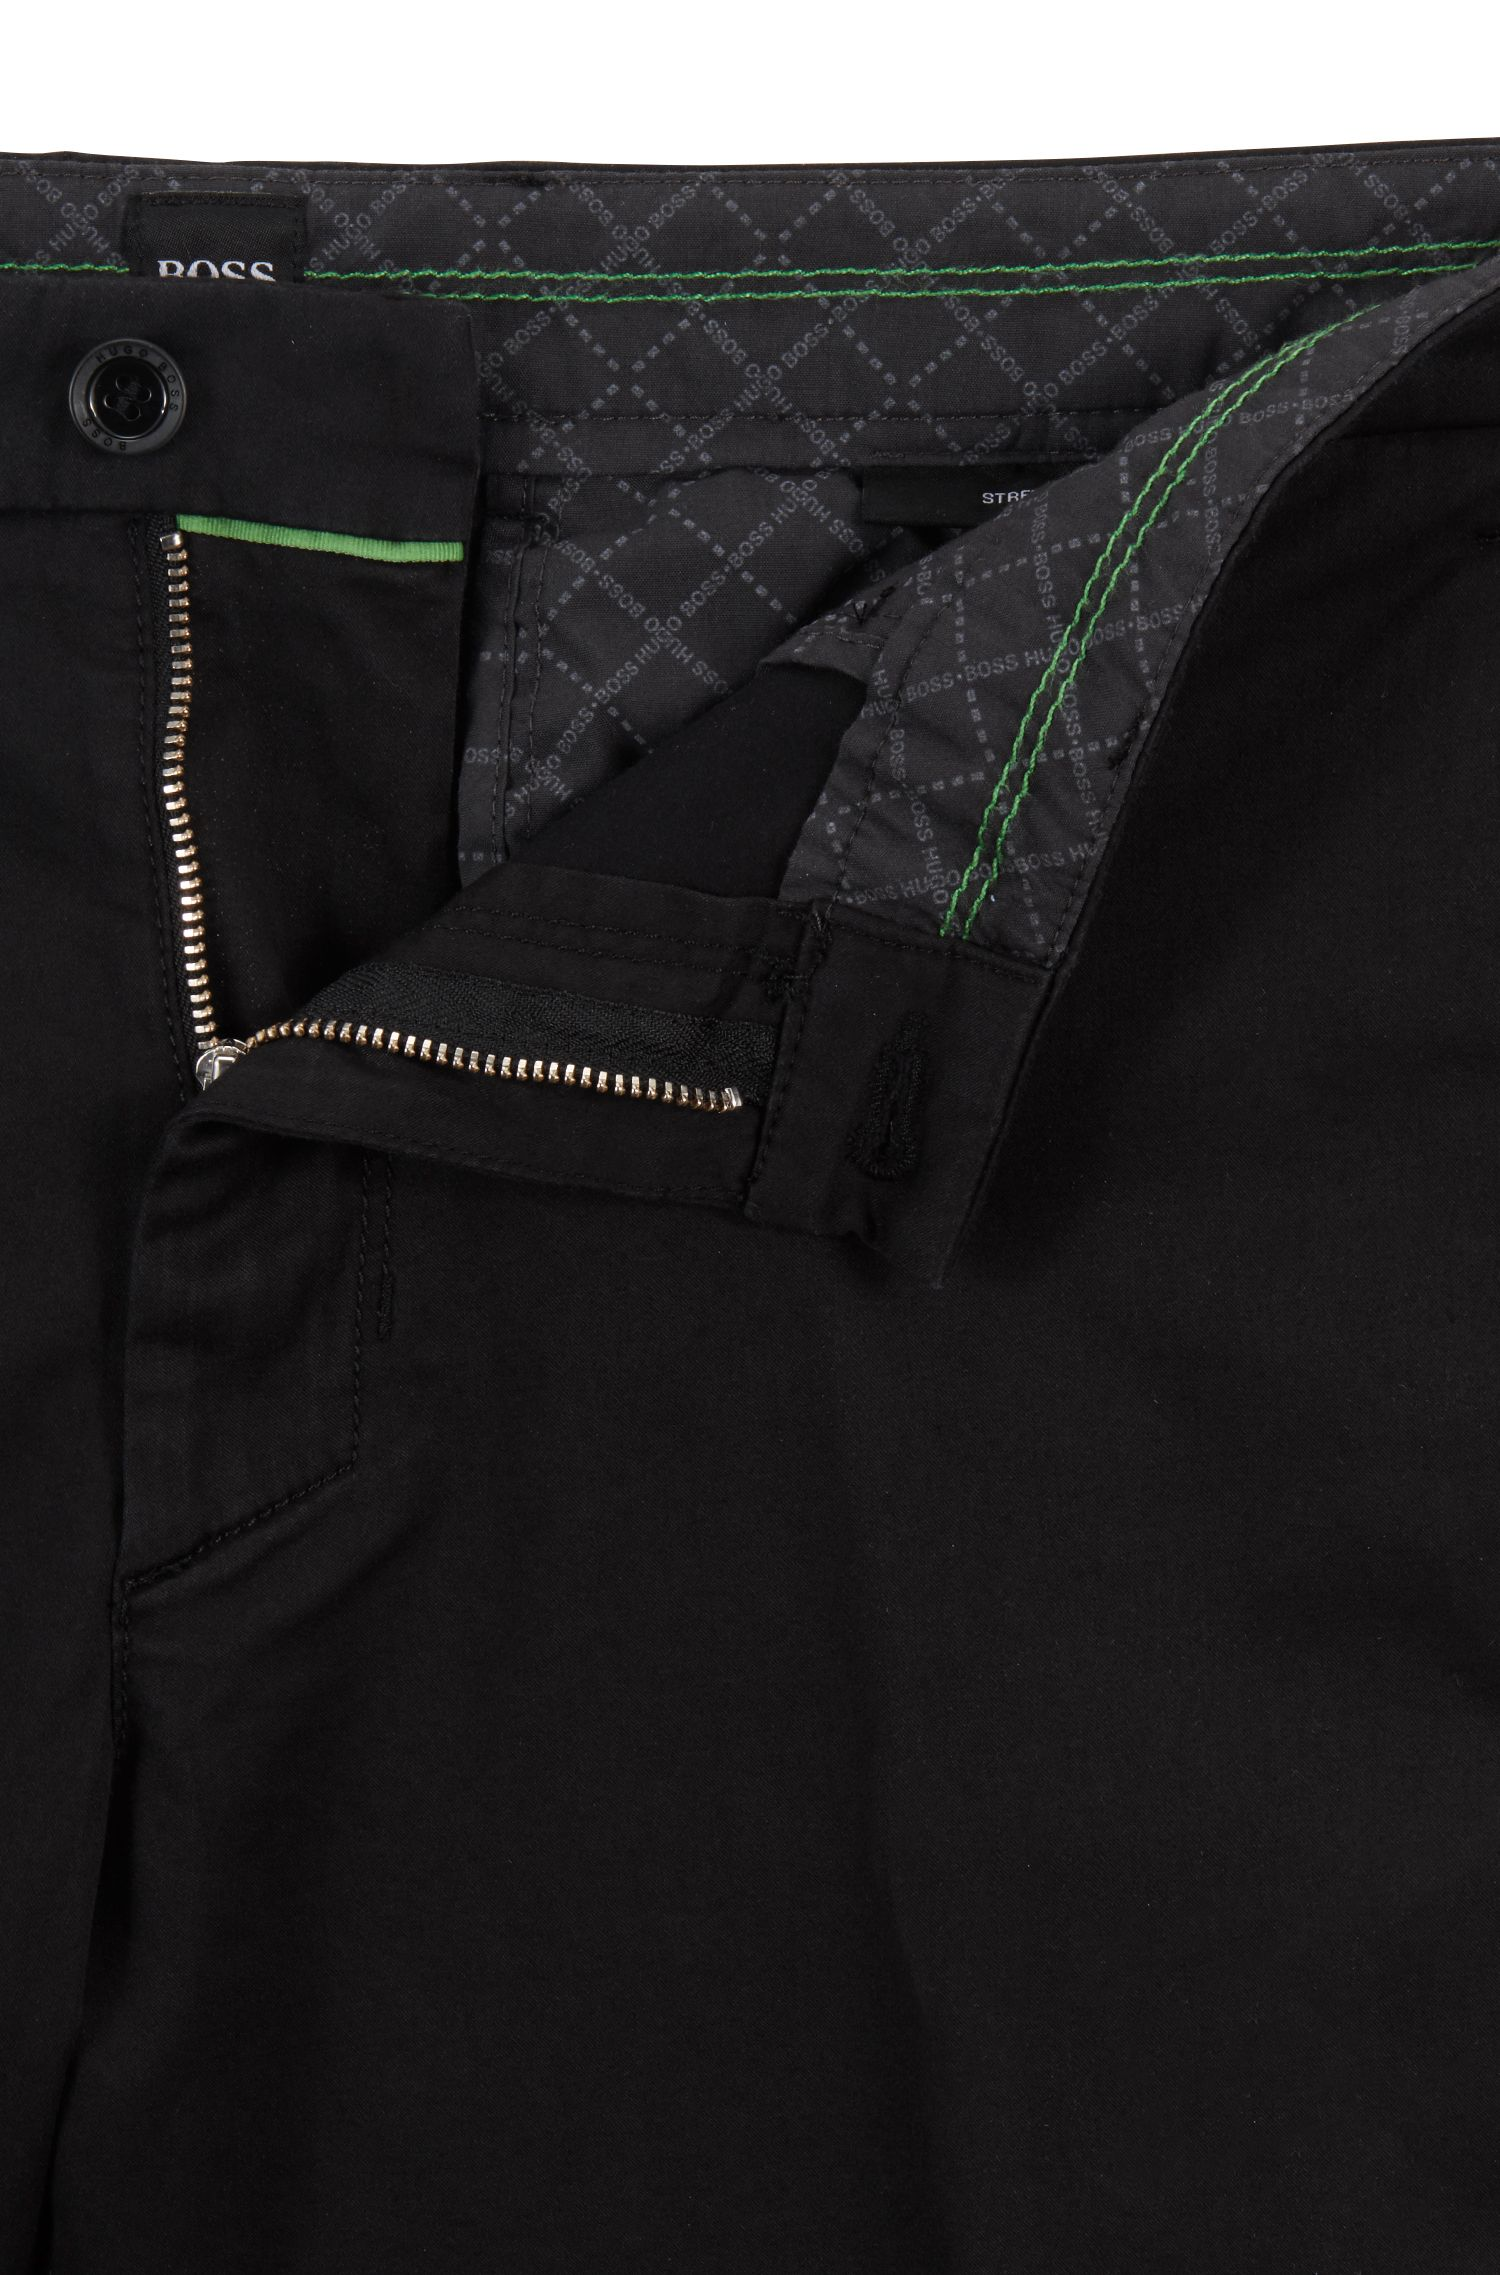 Pantaloncini slim fit in tessuto elasticizzato effetto satin, Nero